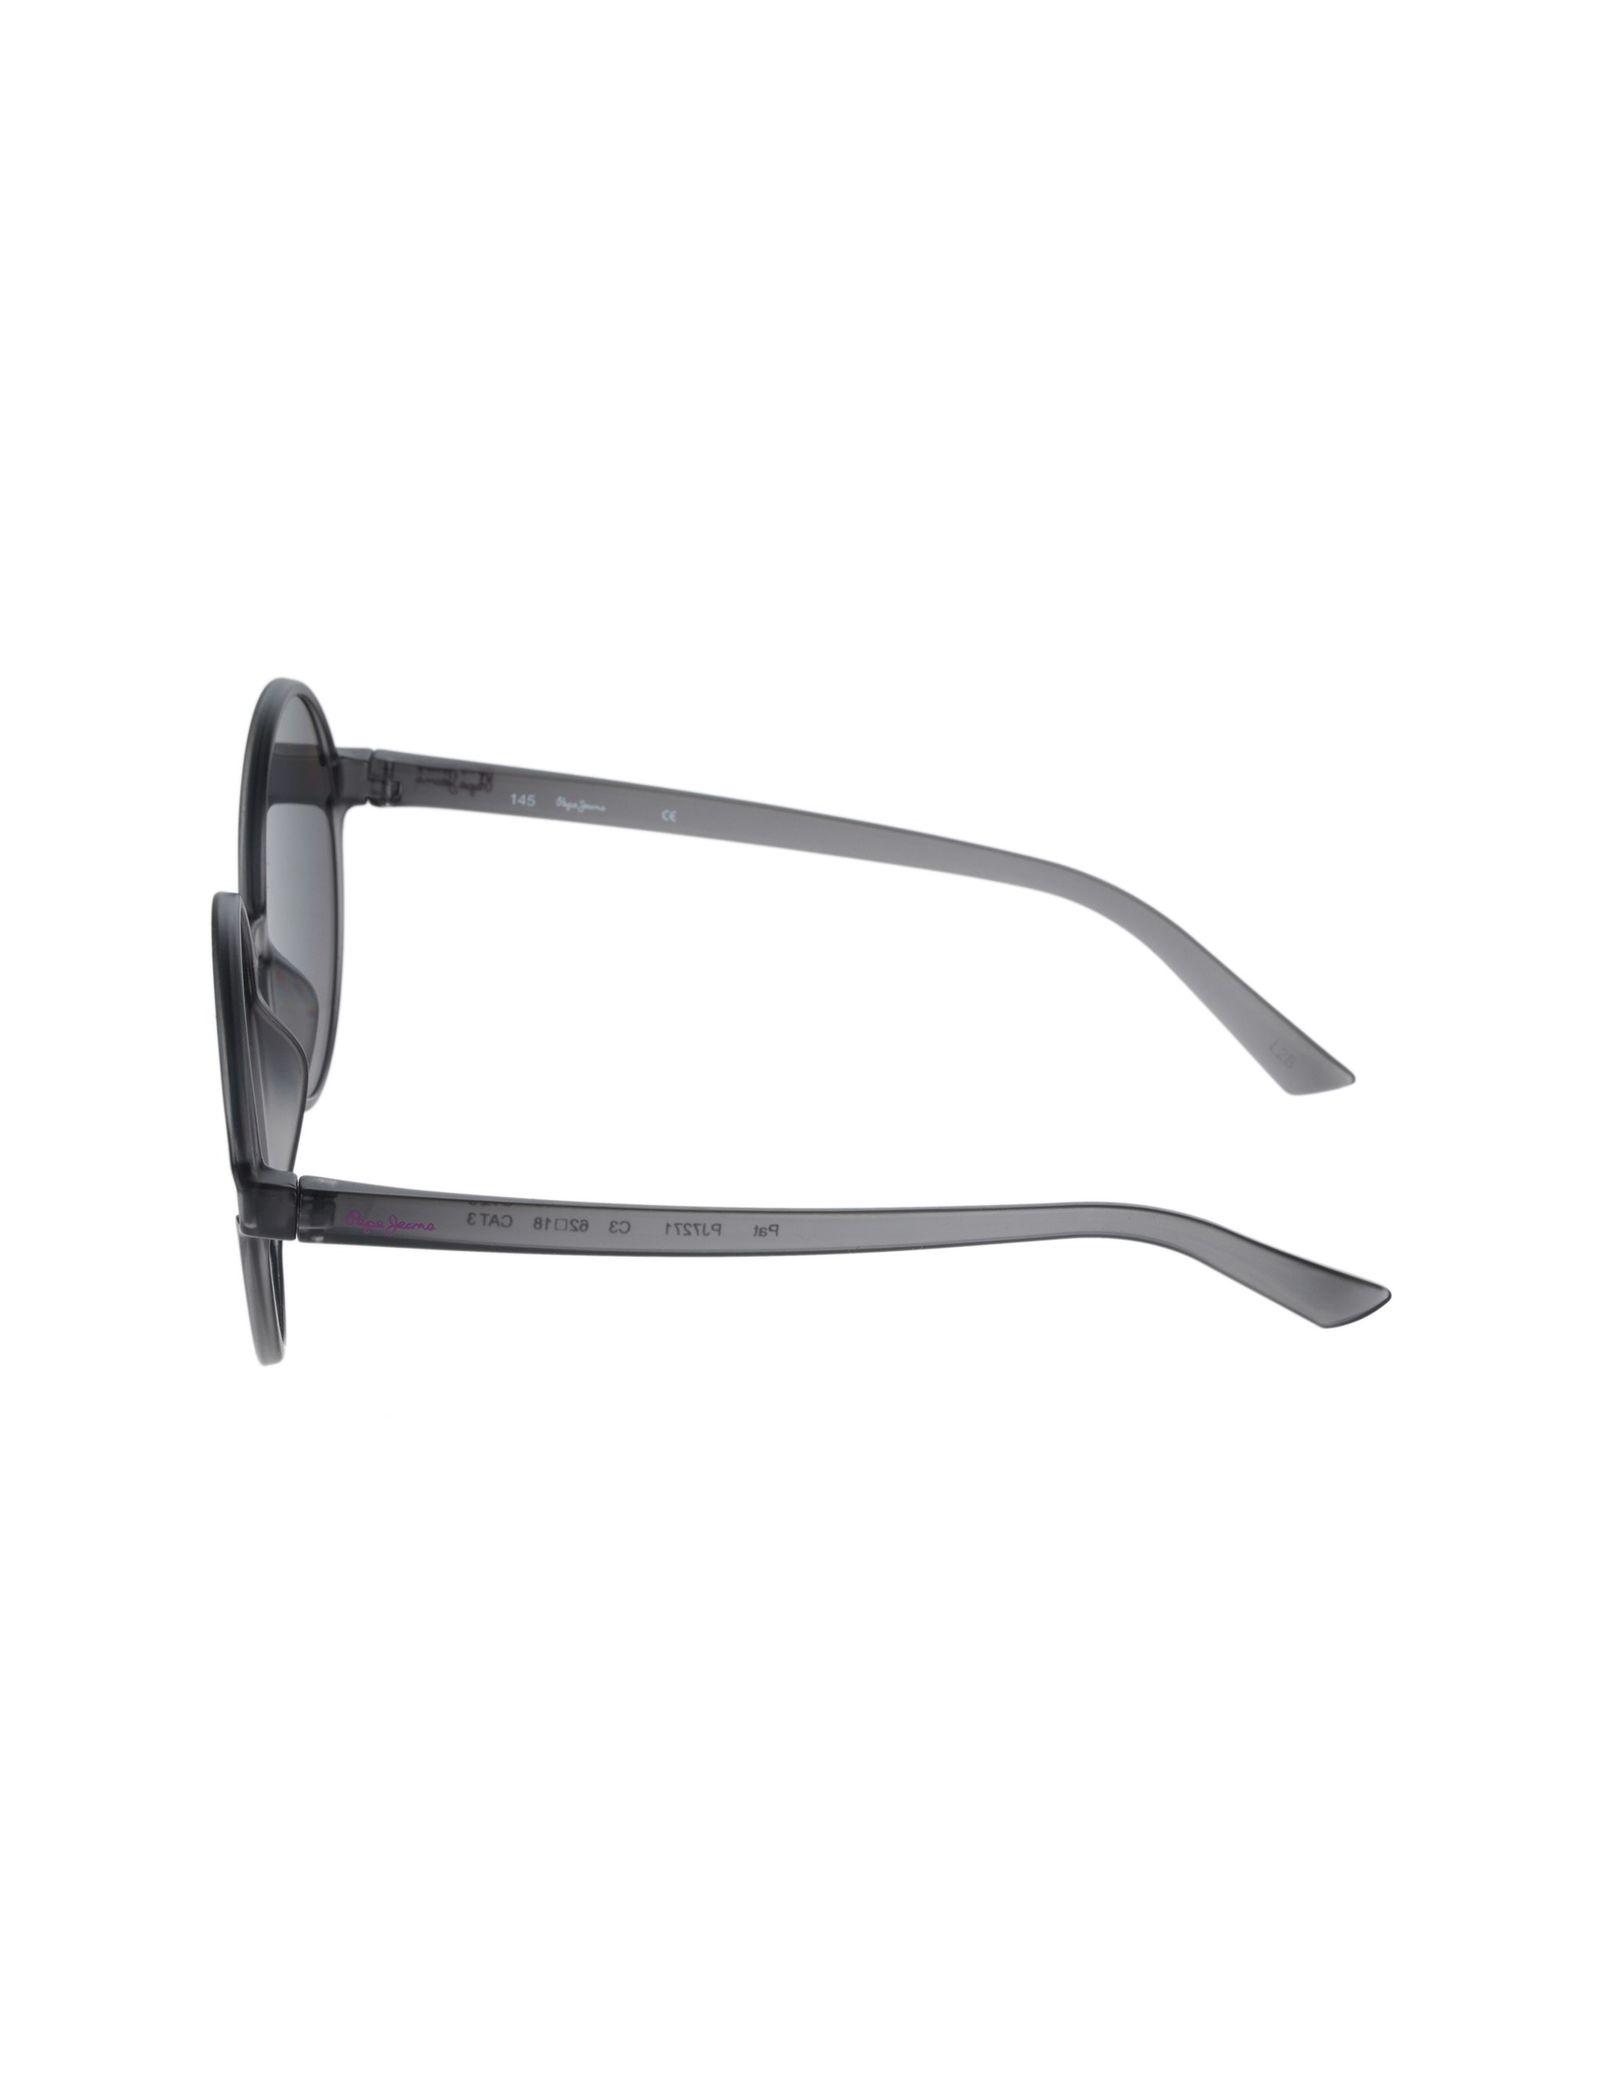 عینک آفتابی گرد زنانه - پپه جینز - طوسي - 3